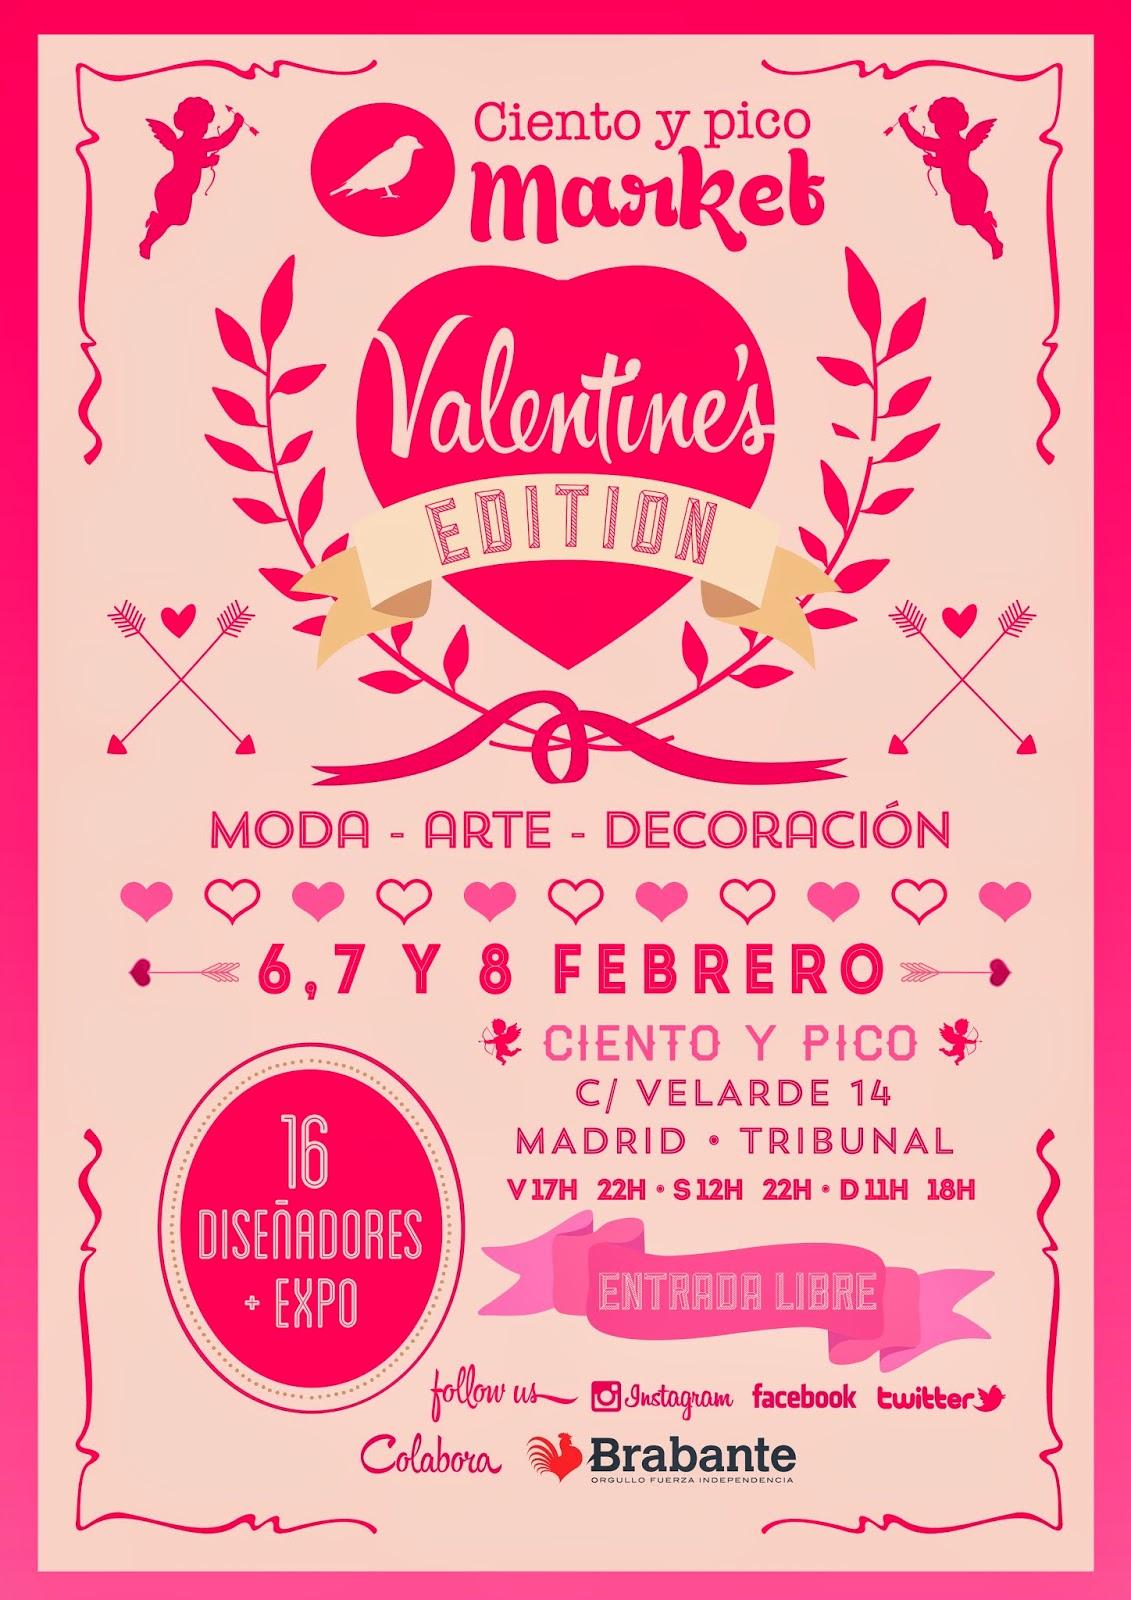 feb ciento y pico market mercadillo pop up de moda arte y decoracin